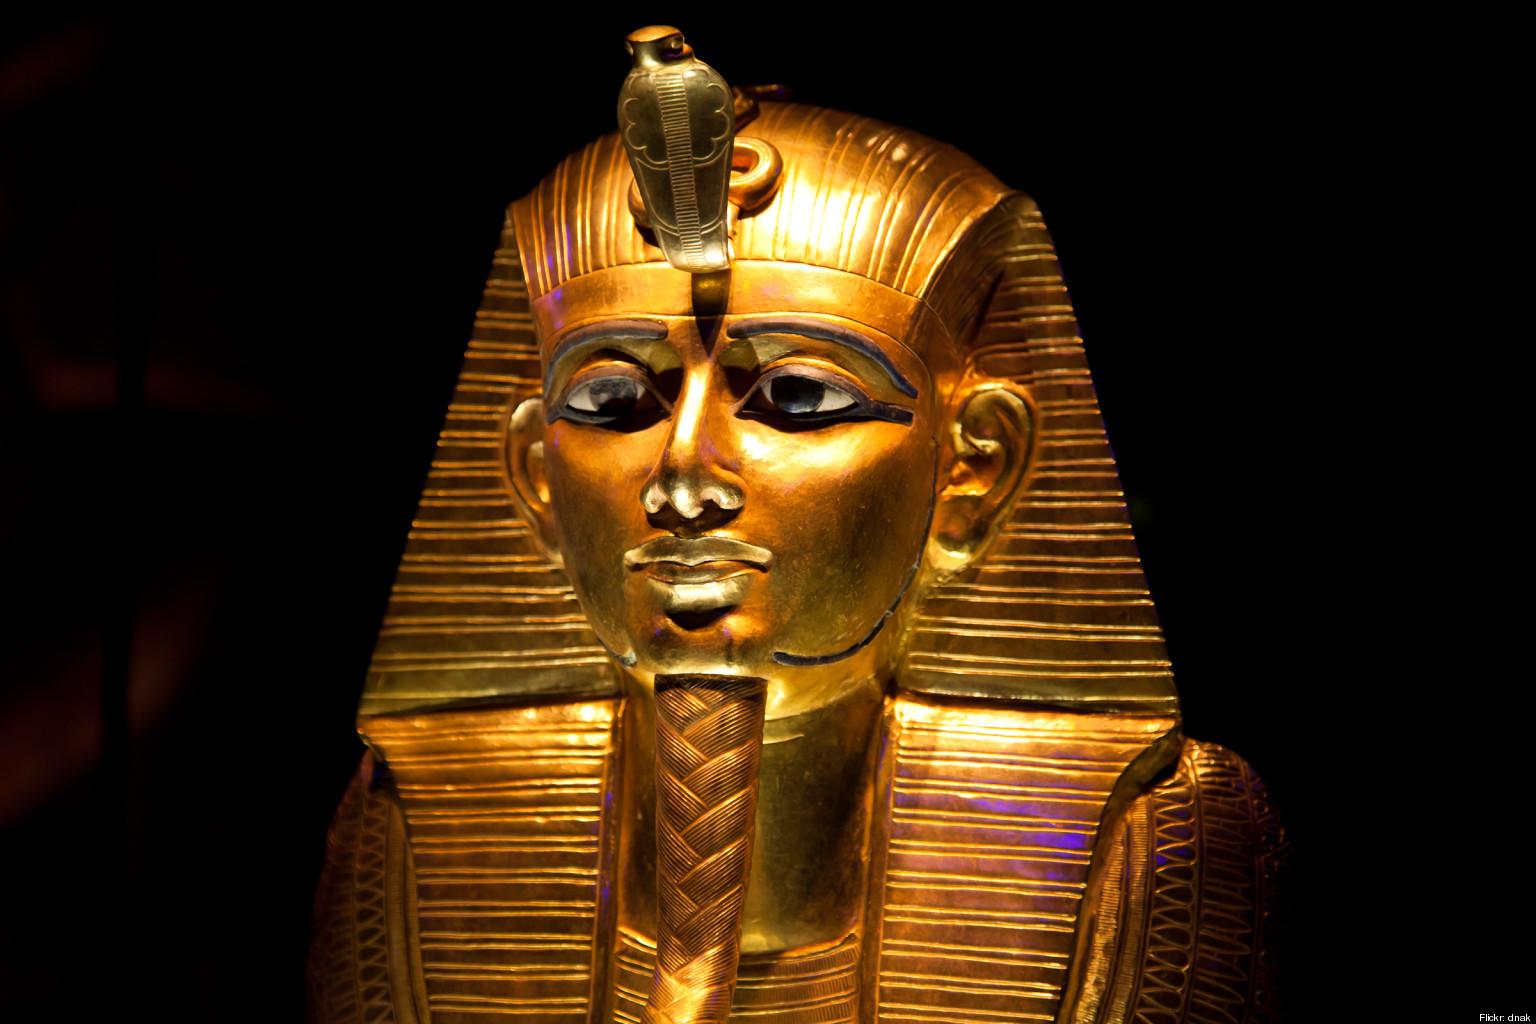 18th dynasty of king tut essay